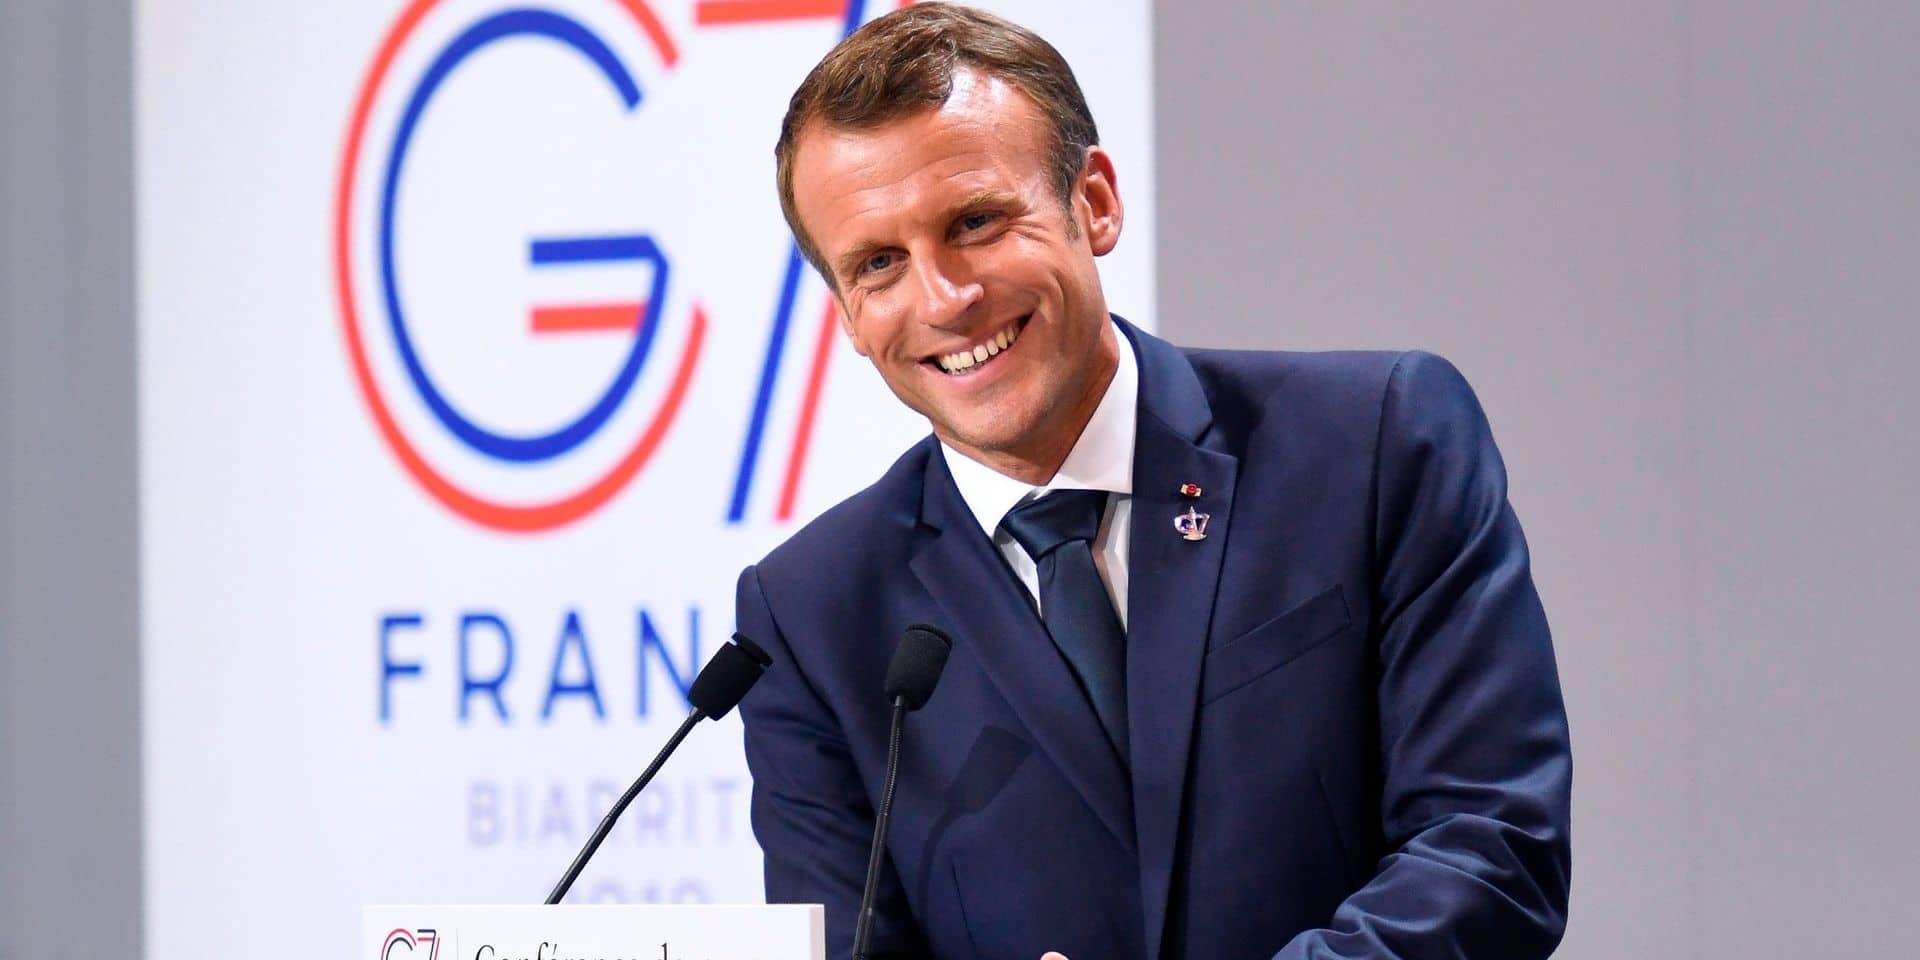 Édito: Macron sur tous les fronts